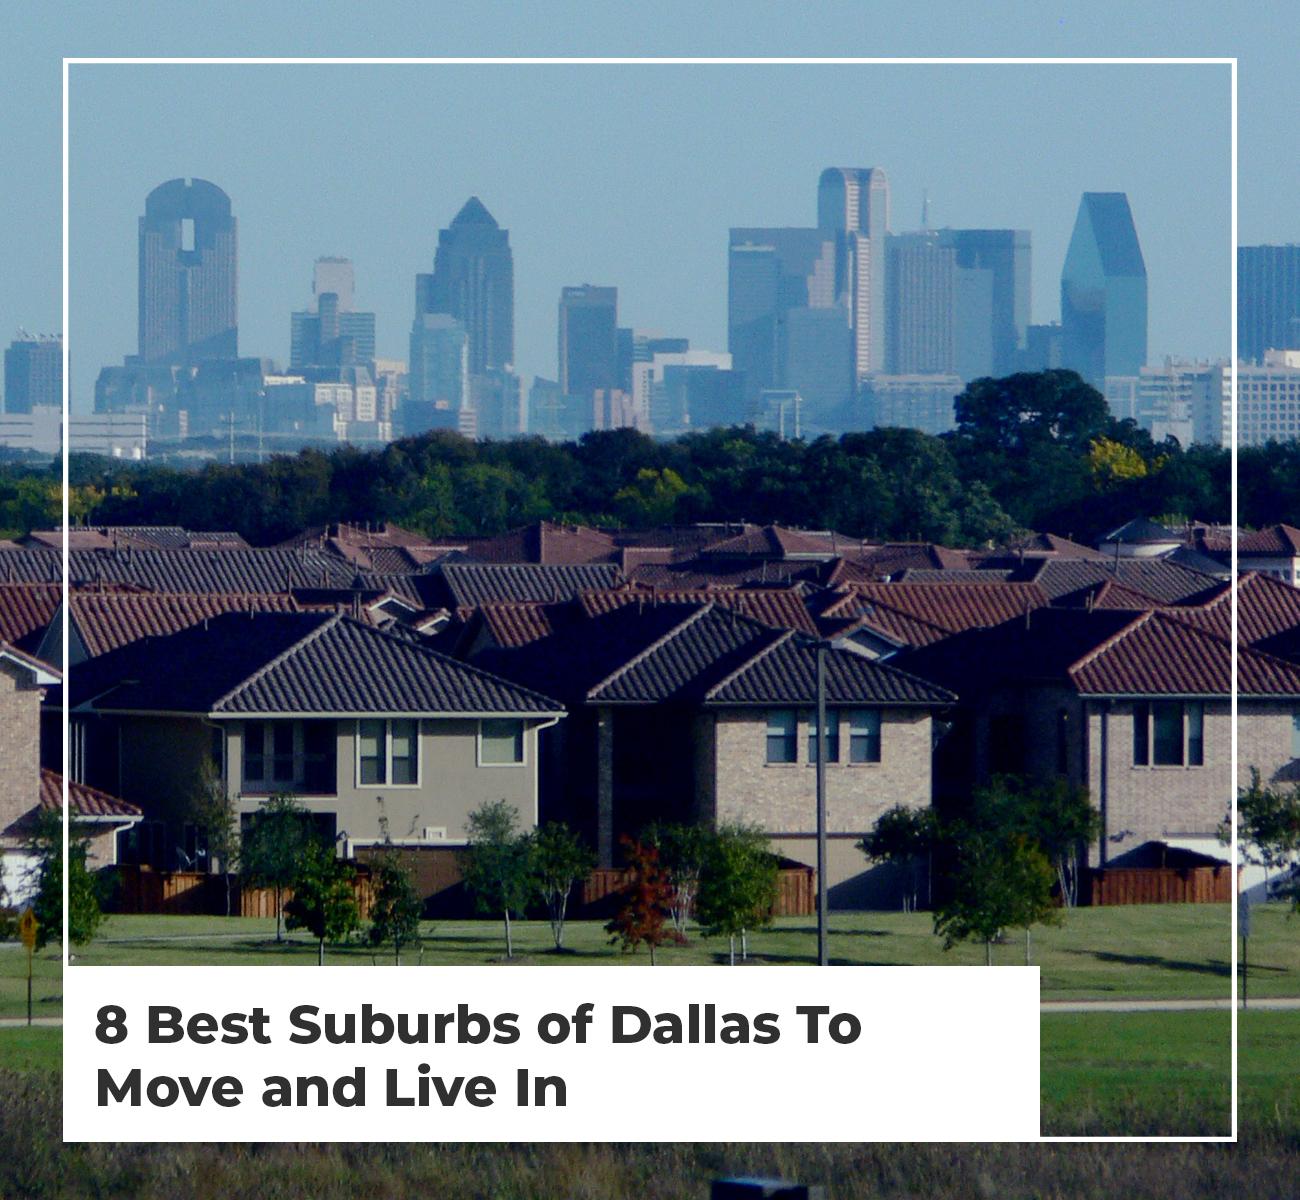 8 Suburbs Dallas To Live In